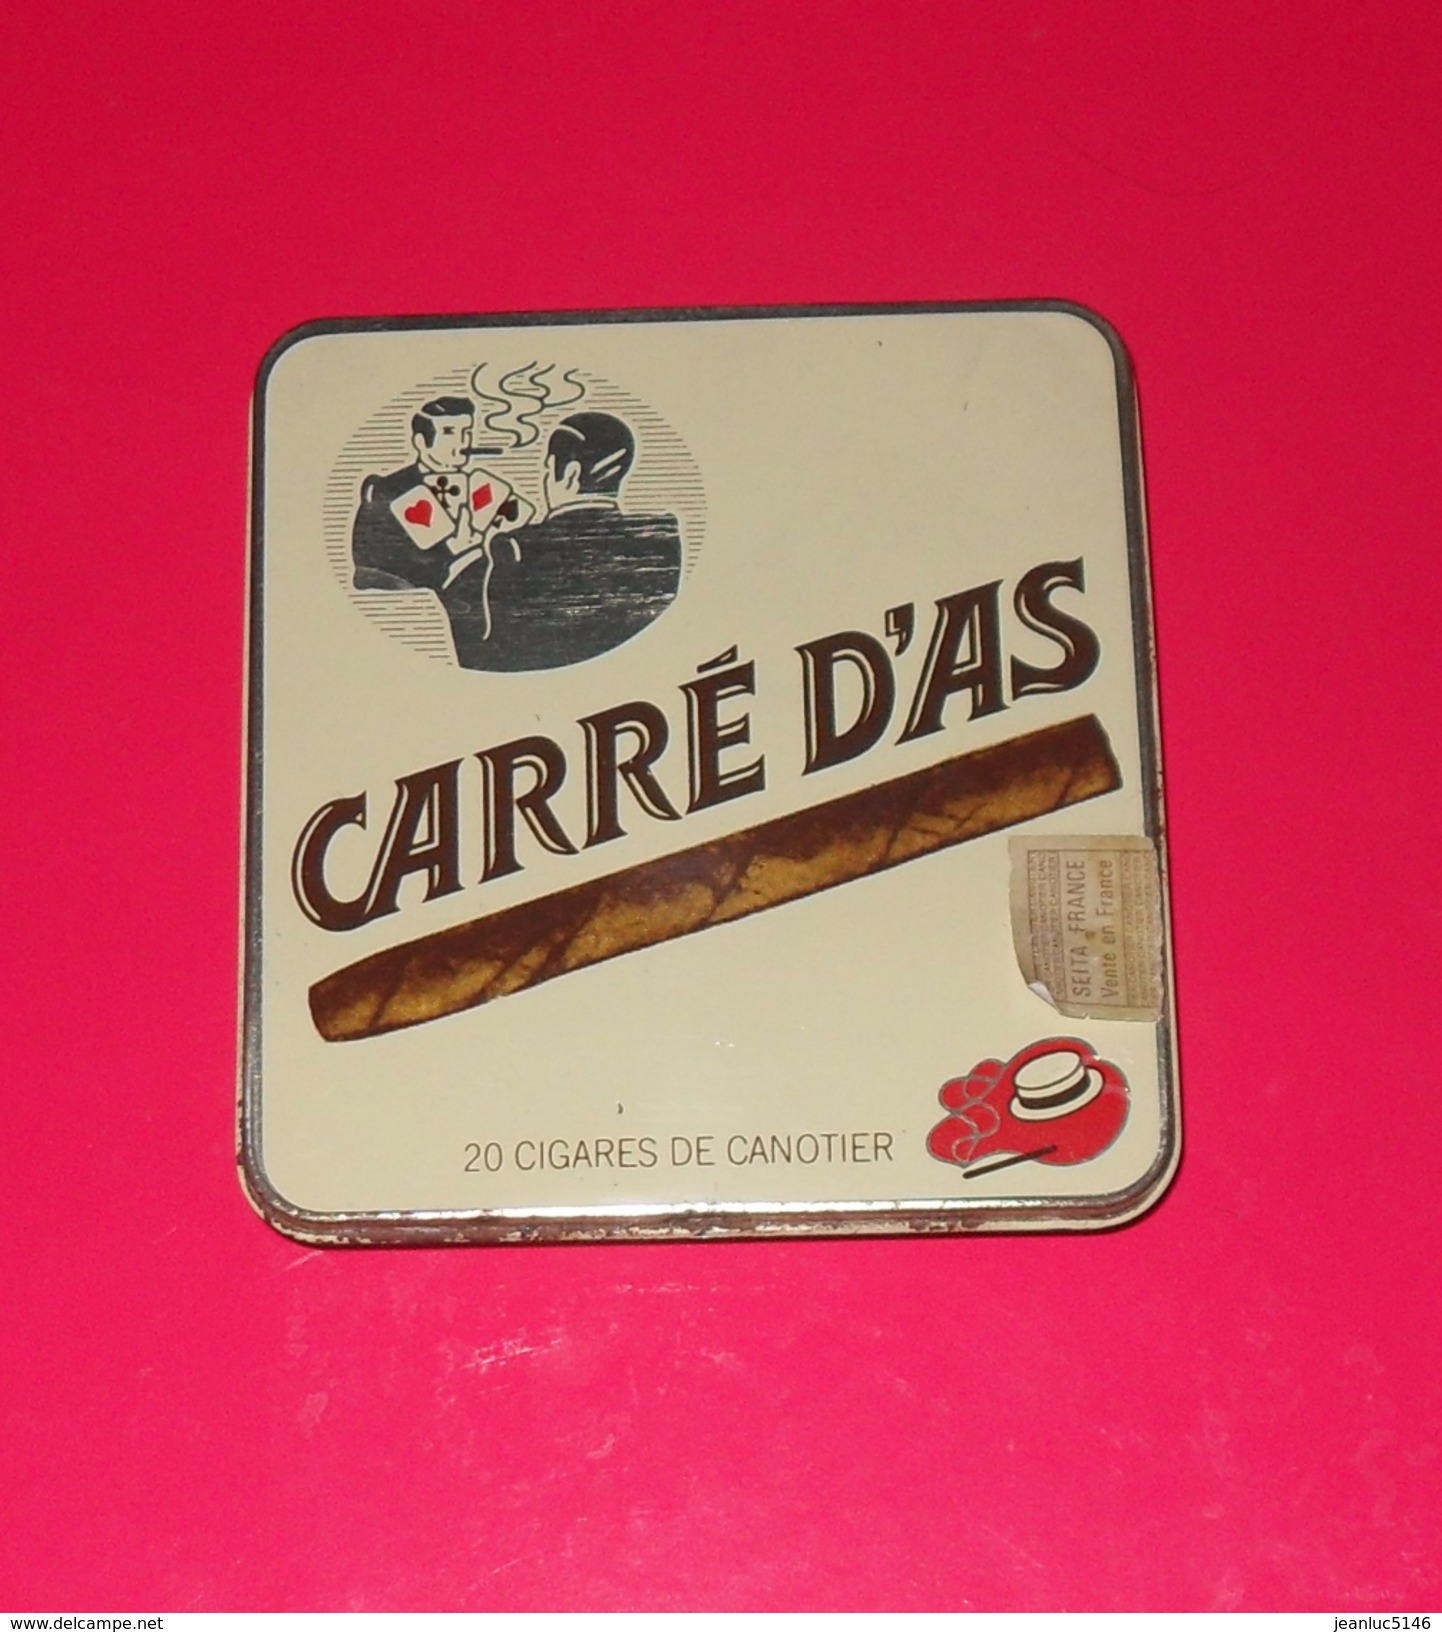 Boîte Métallique. Carré D'as. Cigares De Canotier, SEITA, Années 1960-1970. - Cigar Cases